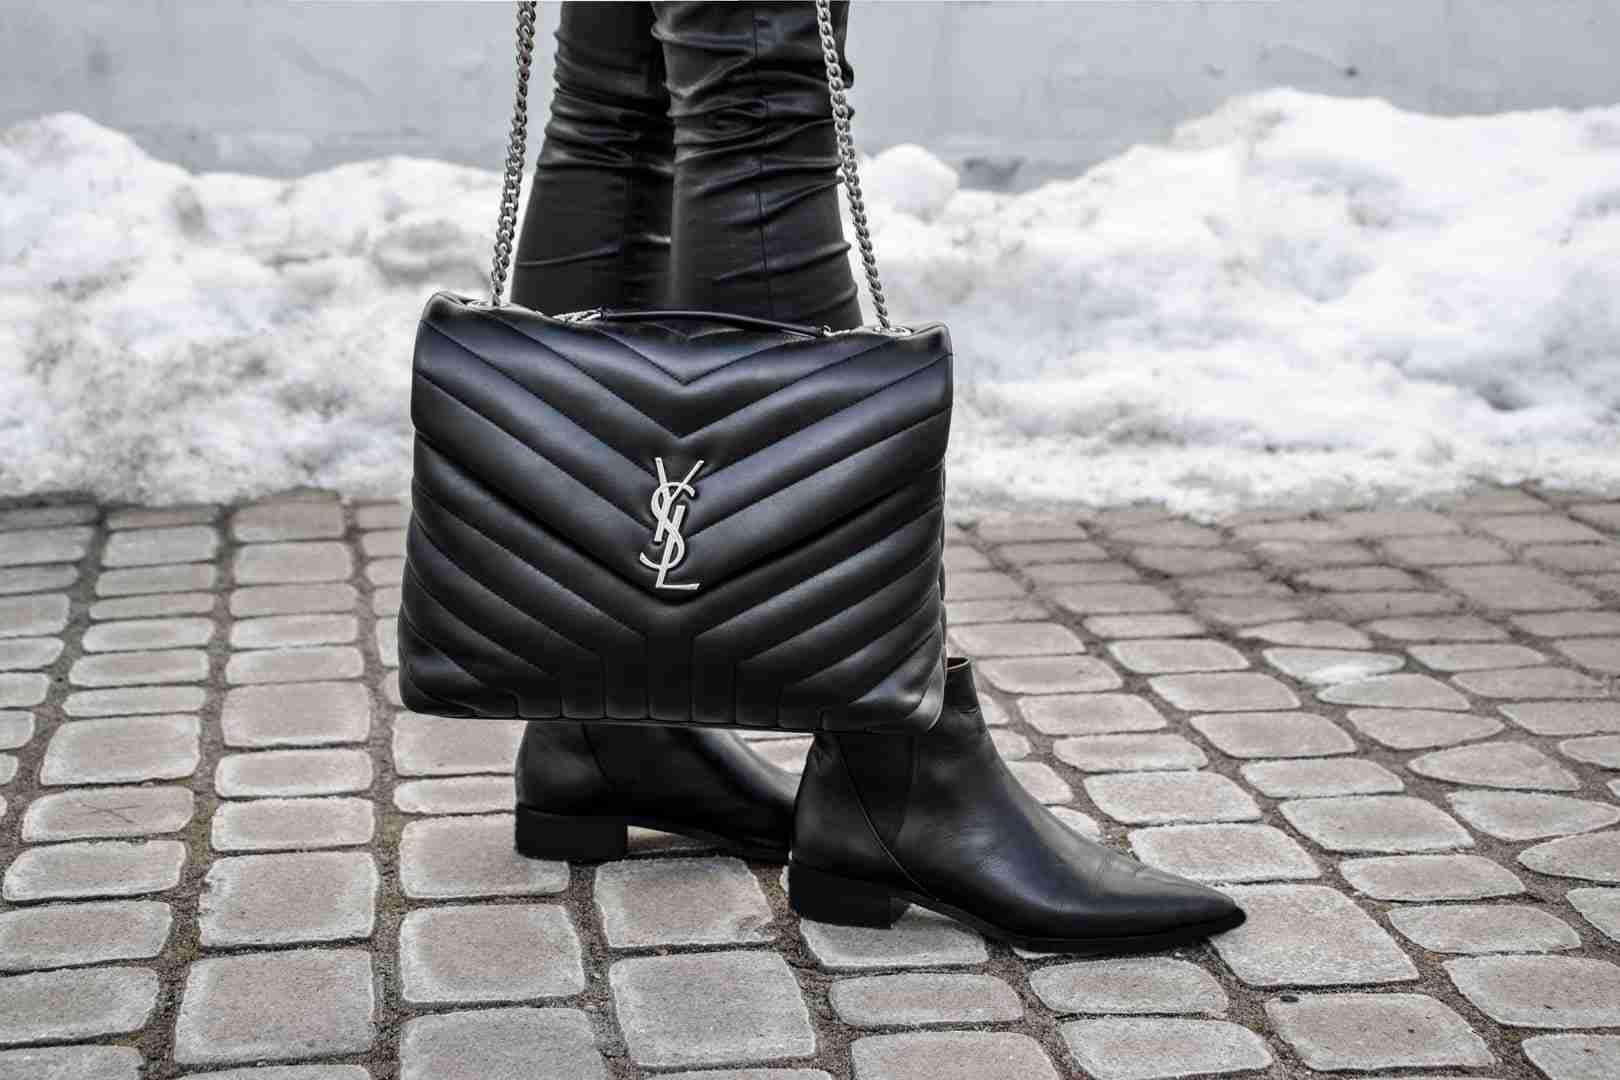 Zbliżenie na torbę YSL oraz buty.